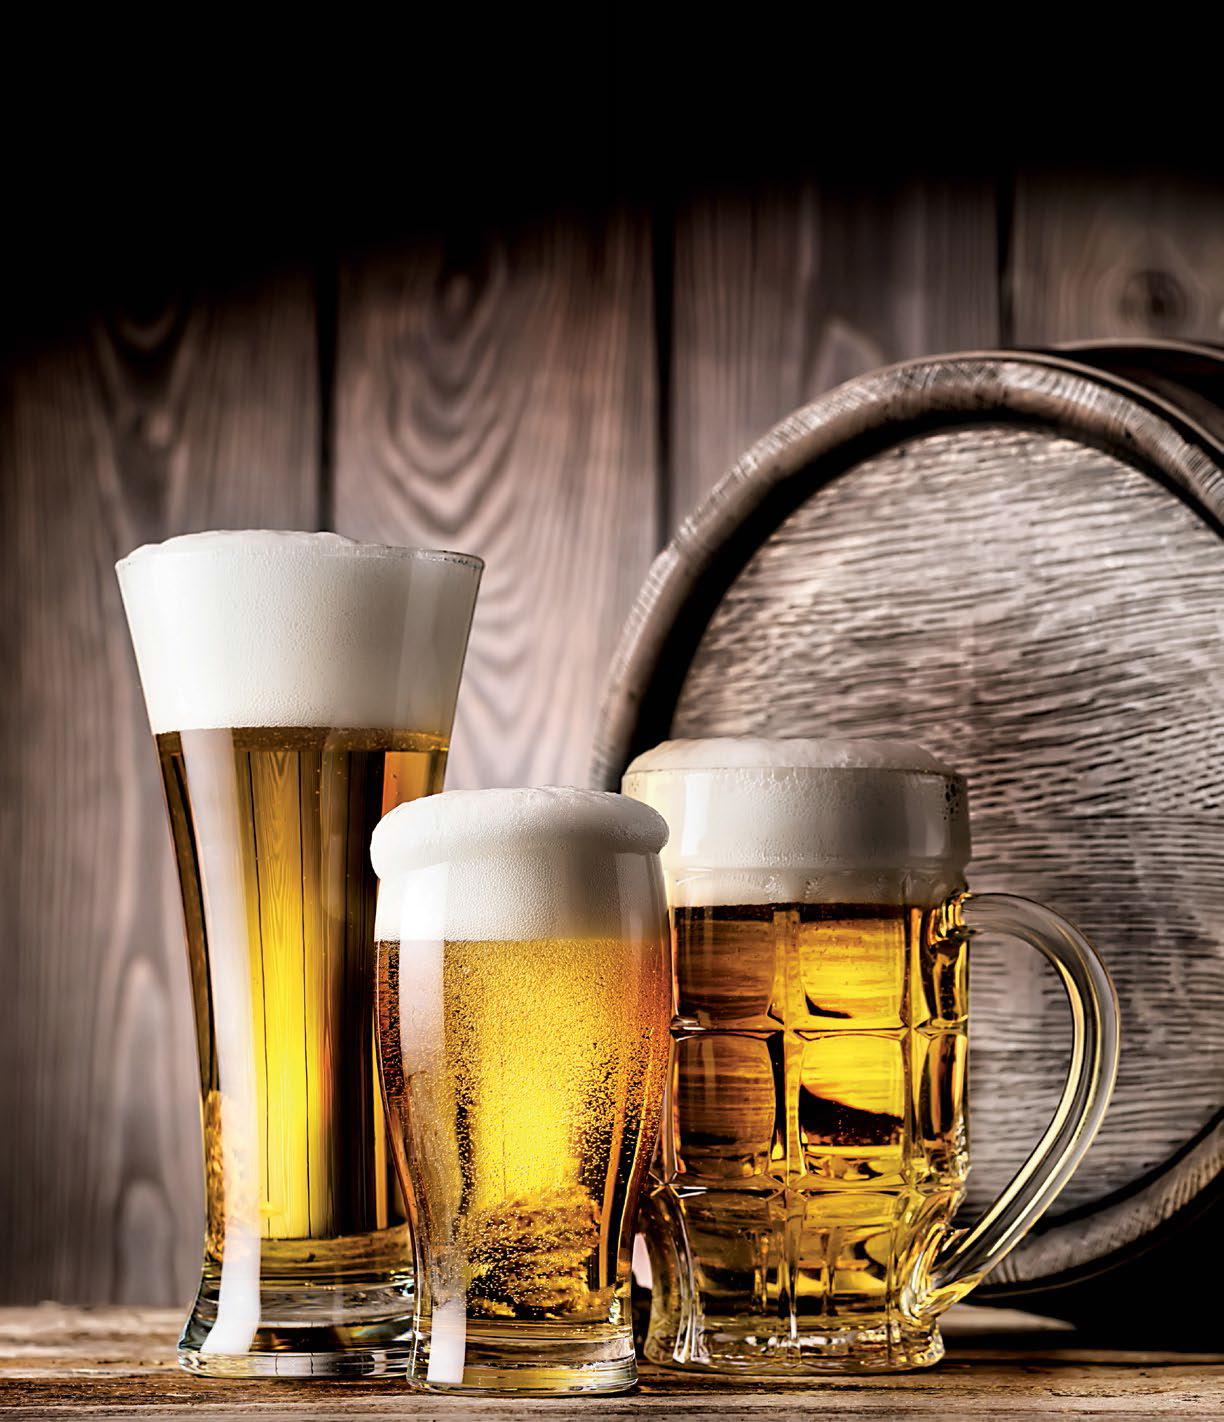 Cerveza dorada transparencia